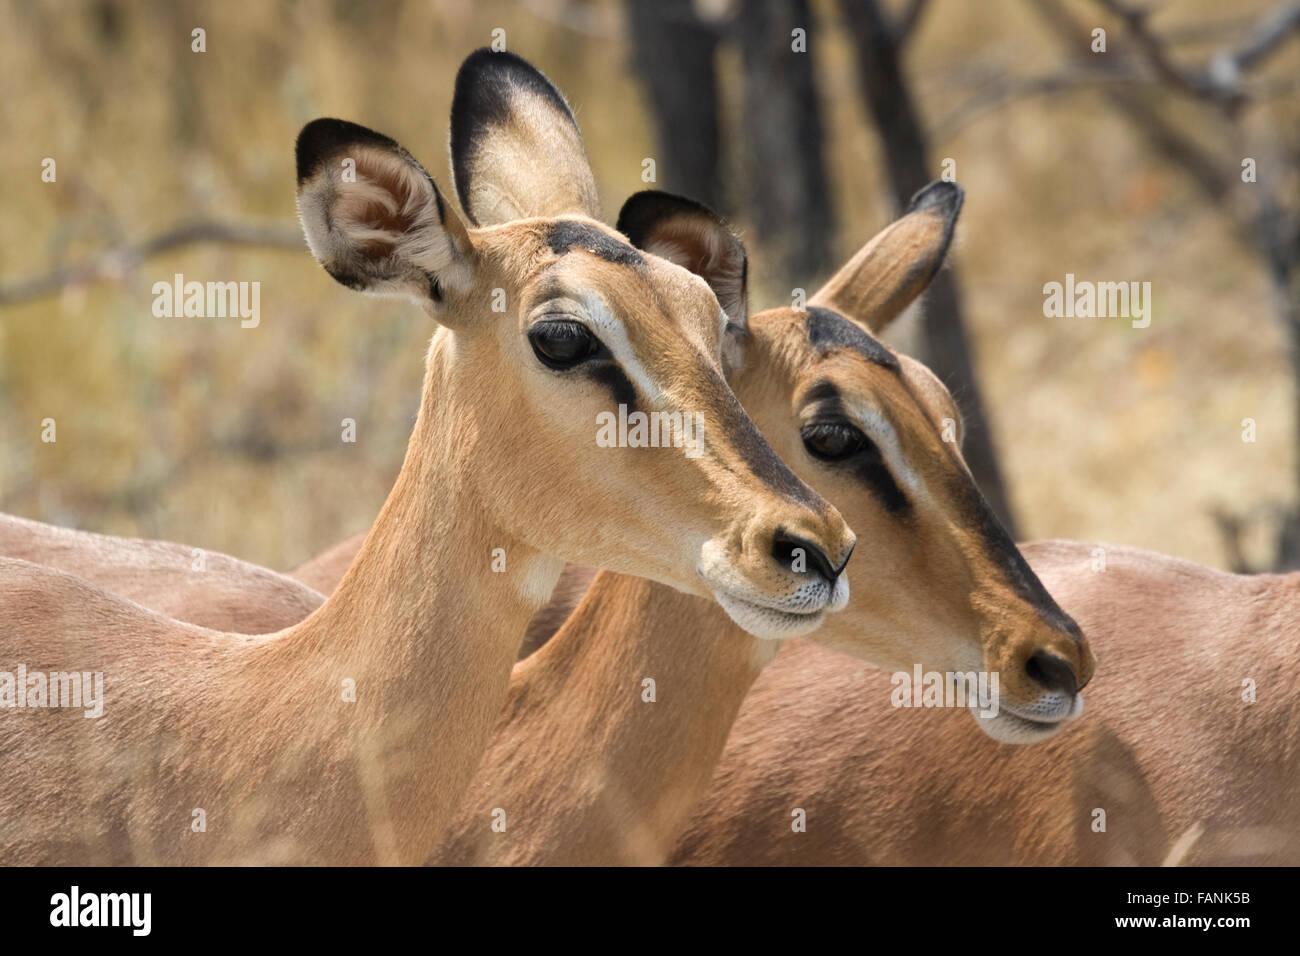 Head shot of two impala in Etosha National Park - Stock Image